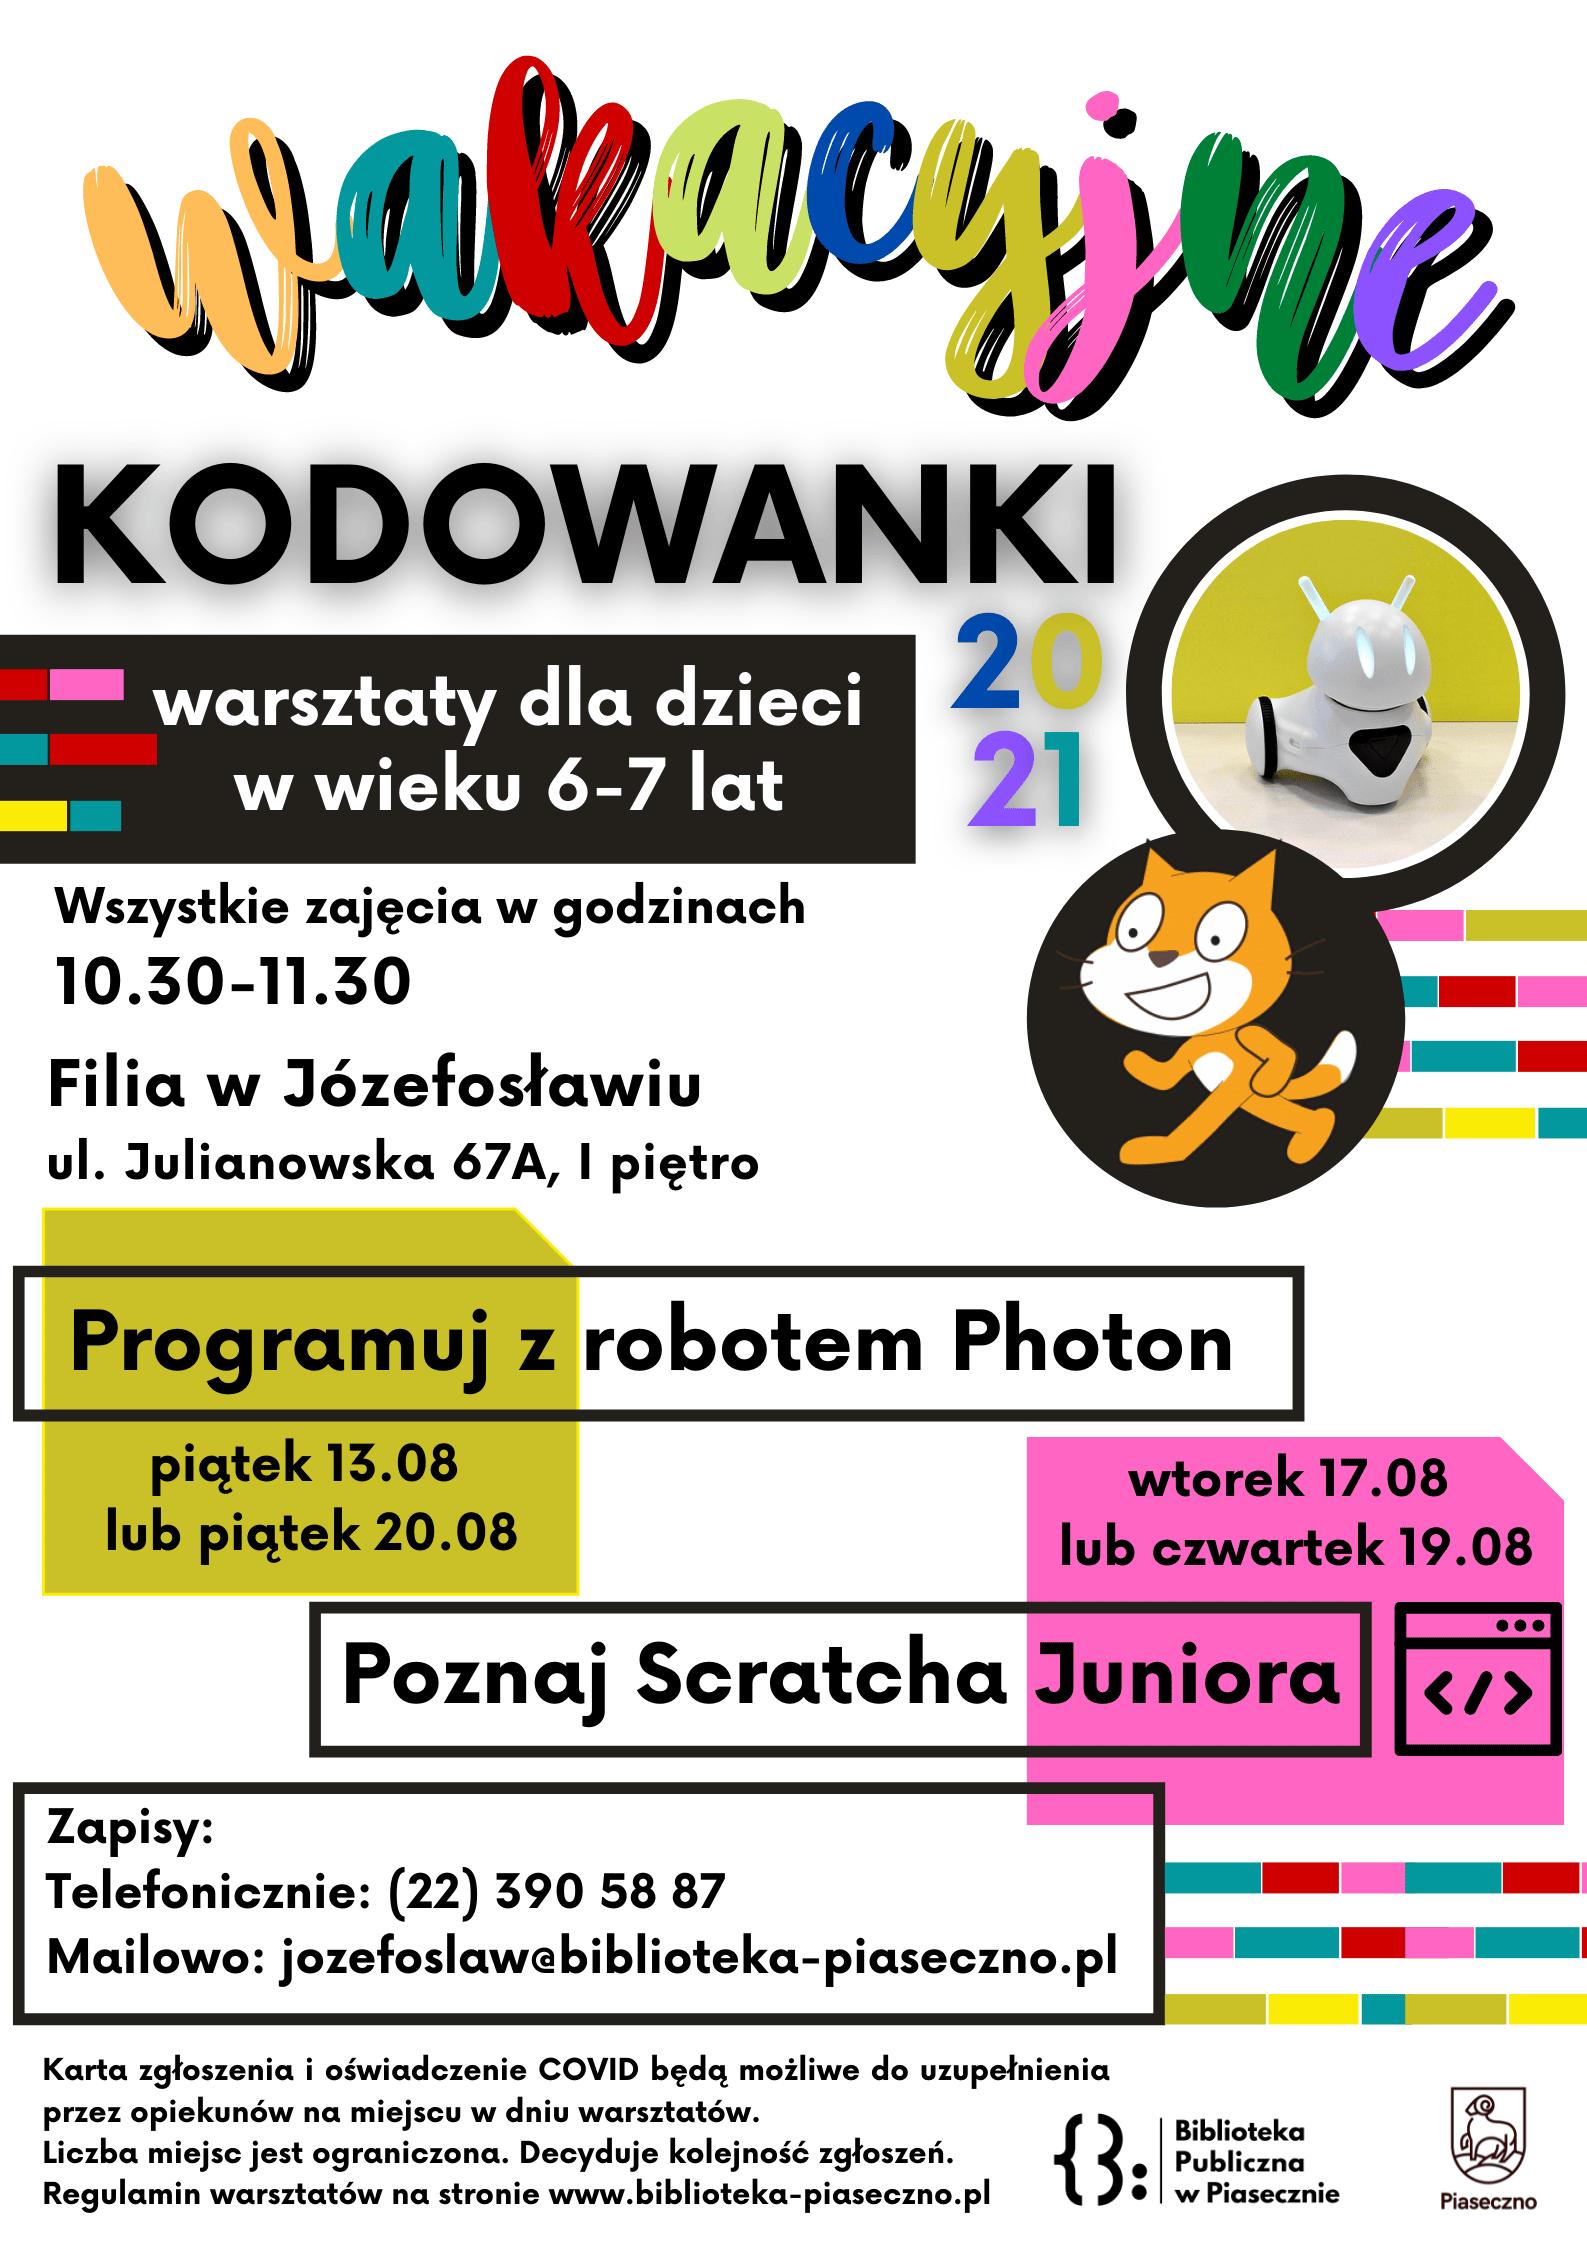 Plakat promujący warsztaty Wakacyjne Kodowanki 2021